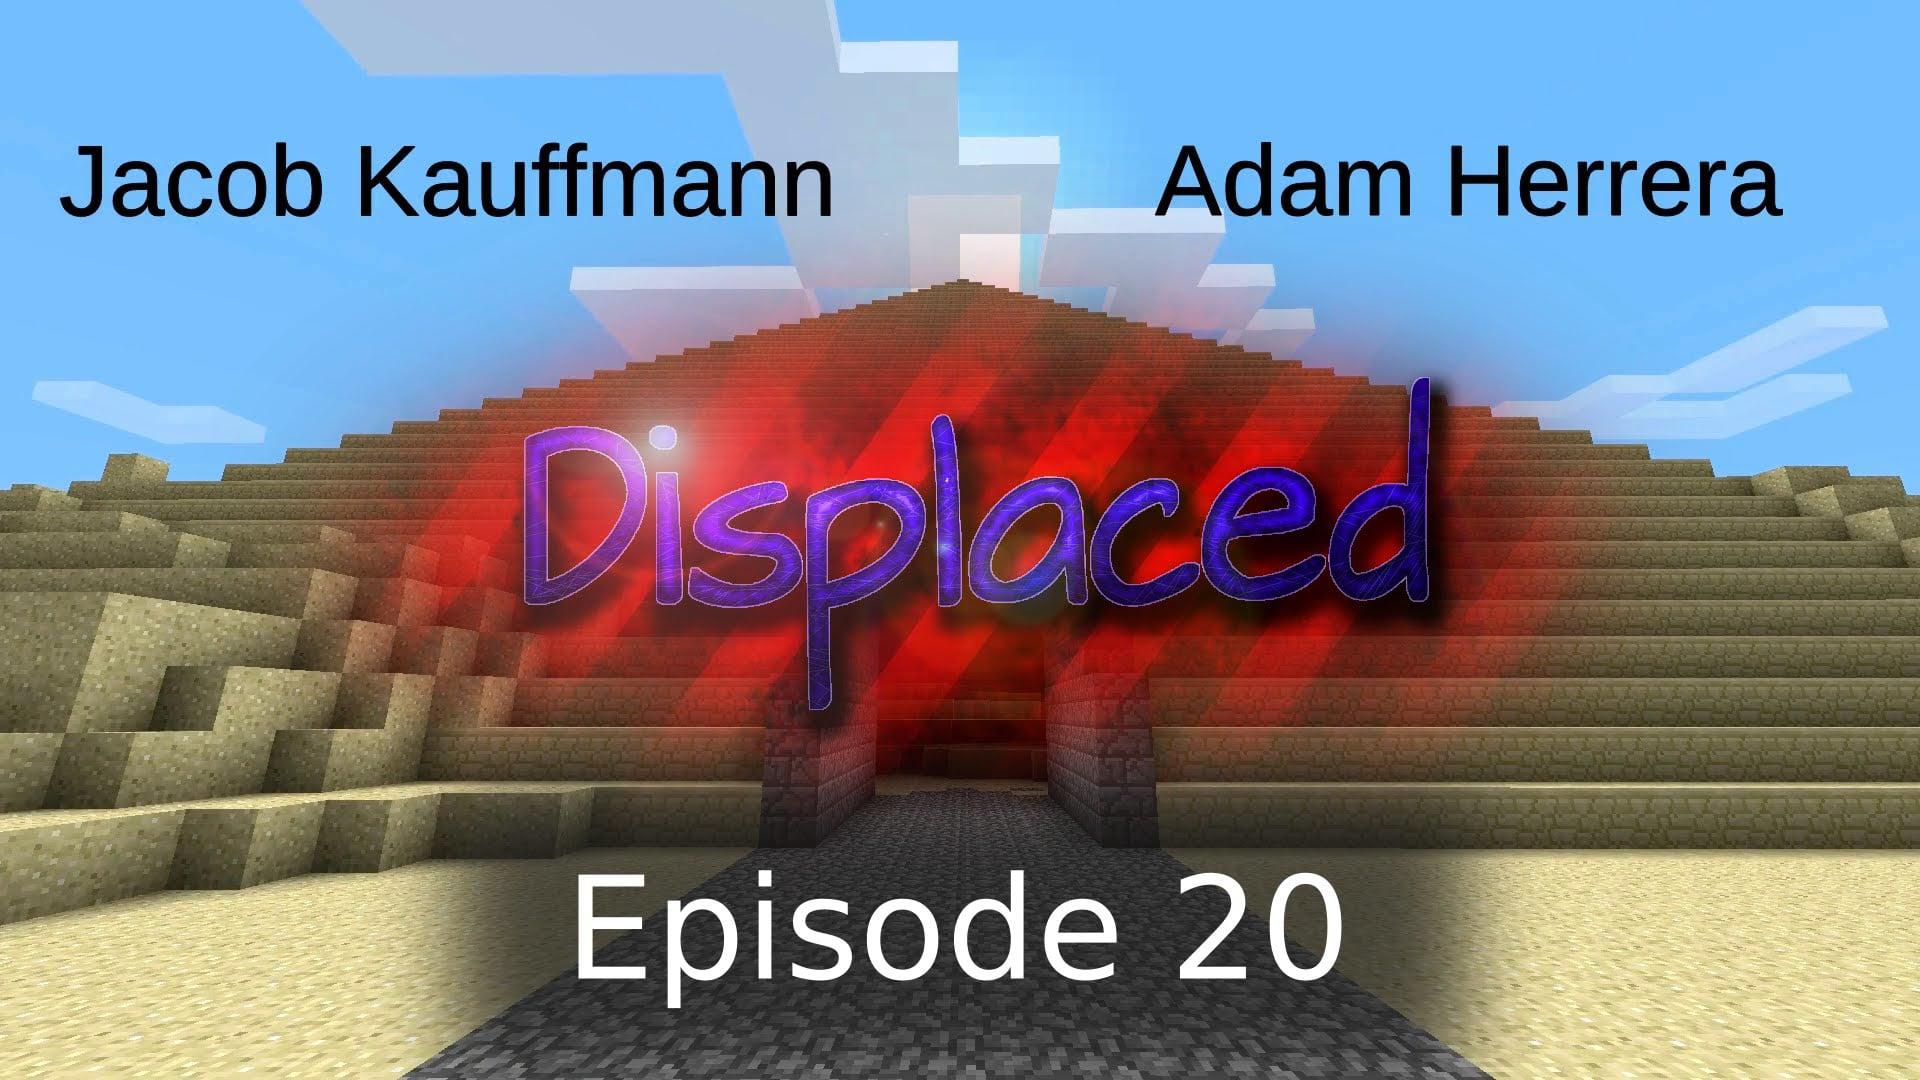 Episode 20 - Displaced